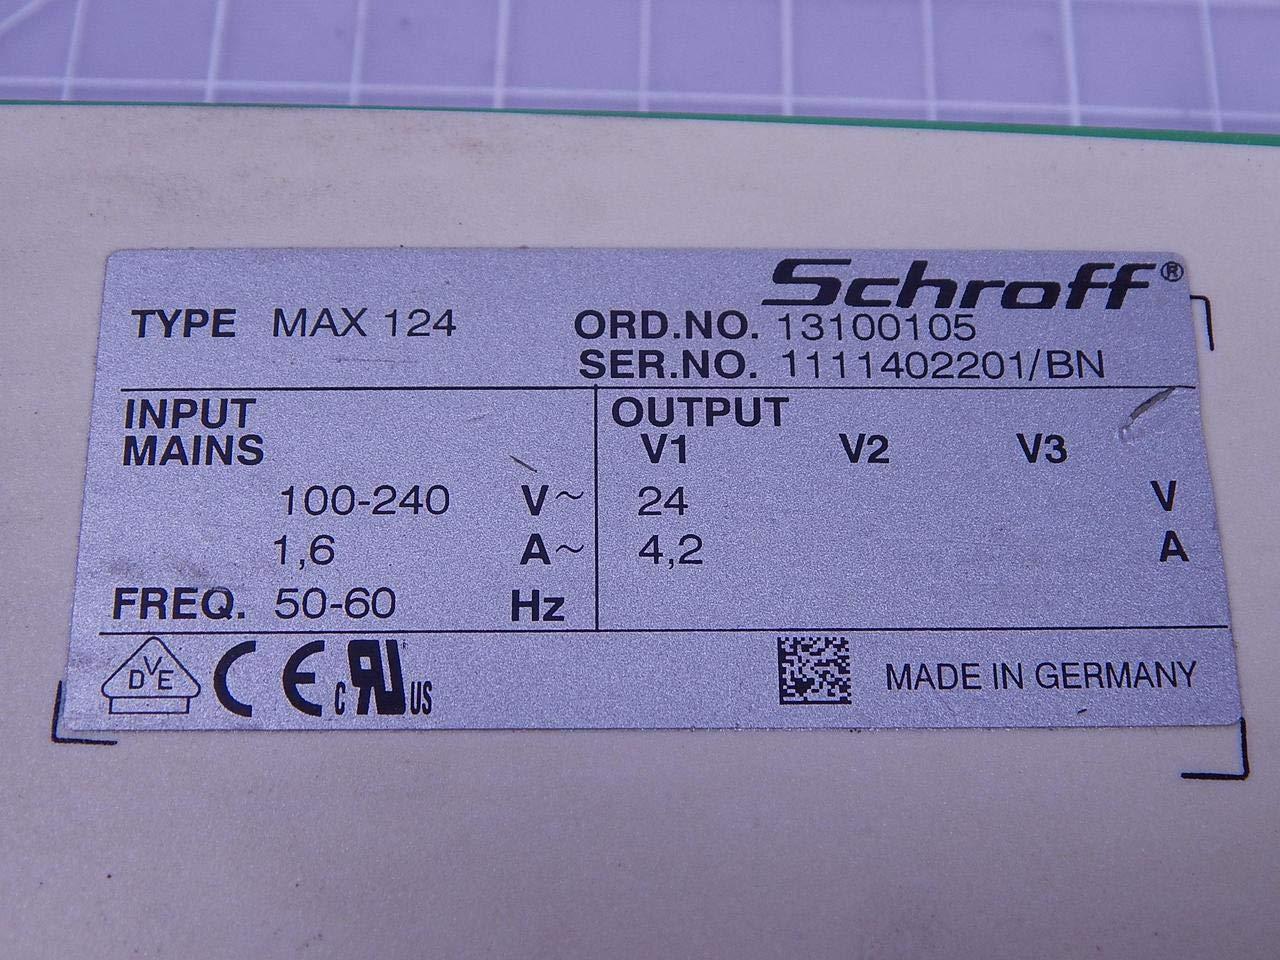 Schroff MAX 124 13100105 Switch-Mode Power Supply T138415